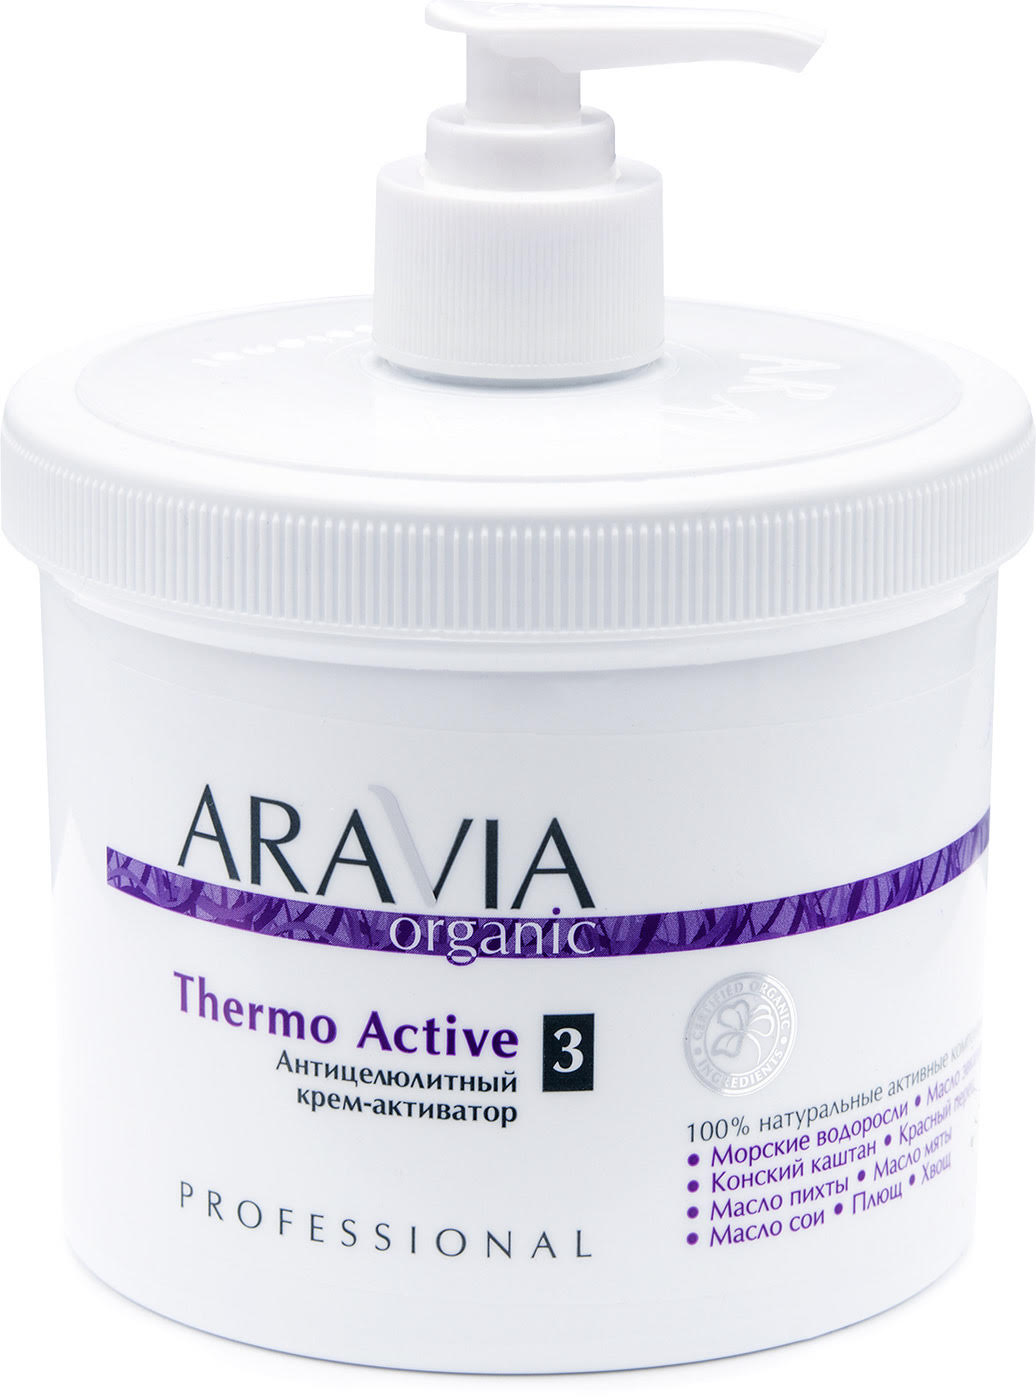 Антицеллюлитный крем-активатор Aravia